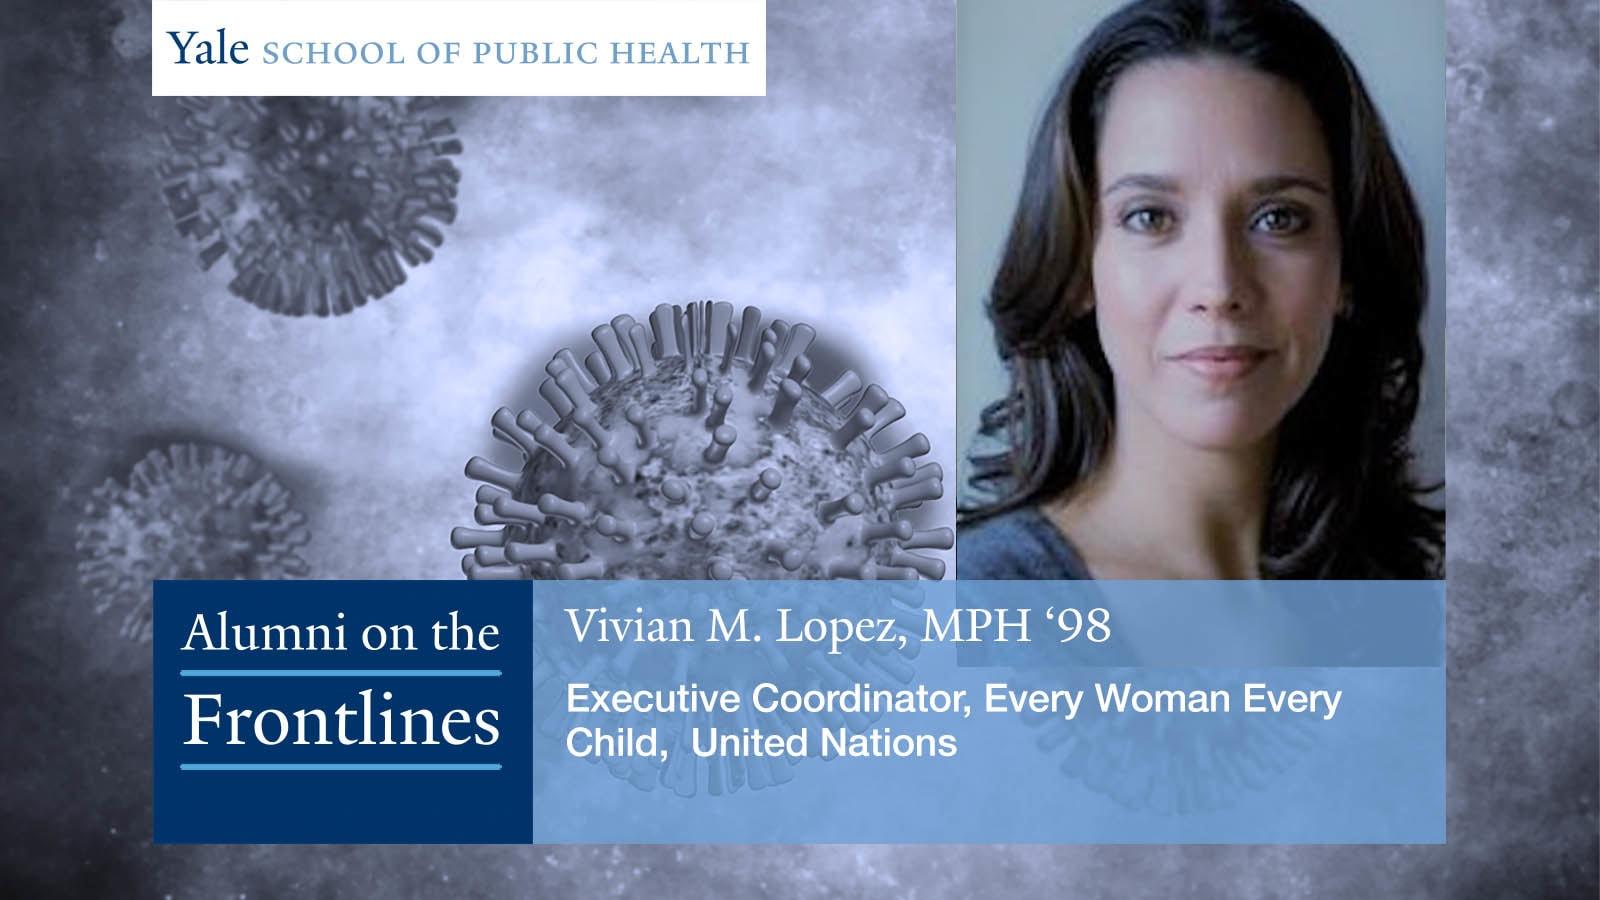 Vivian M. Lopez, MPH '98